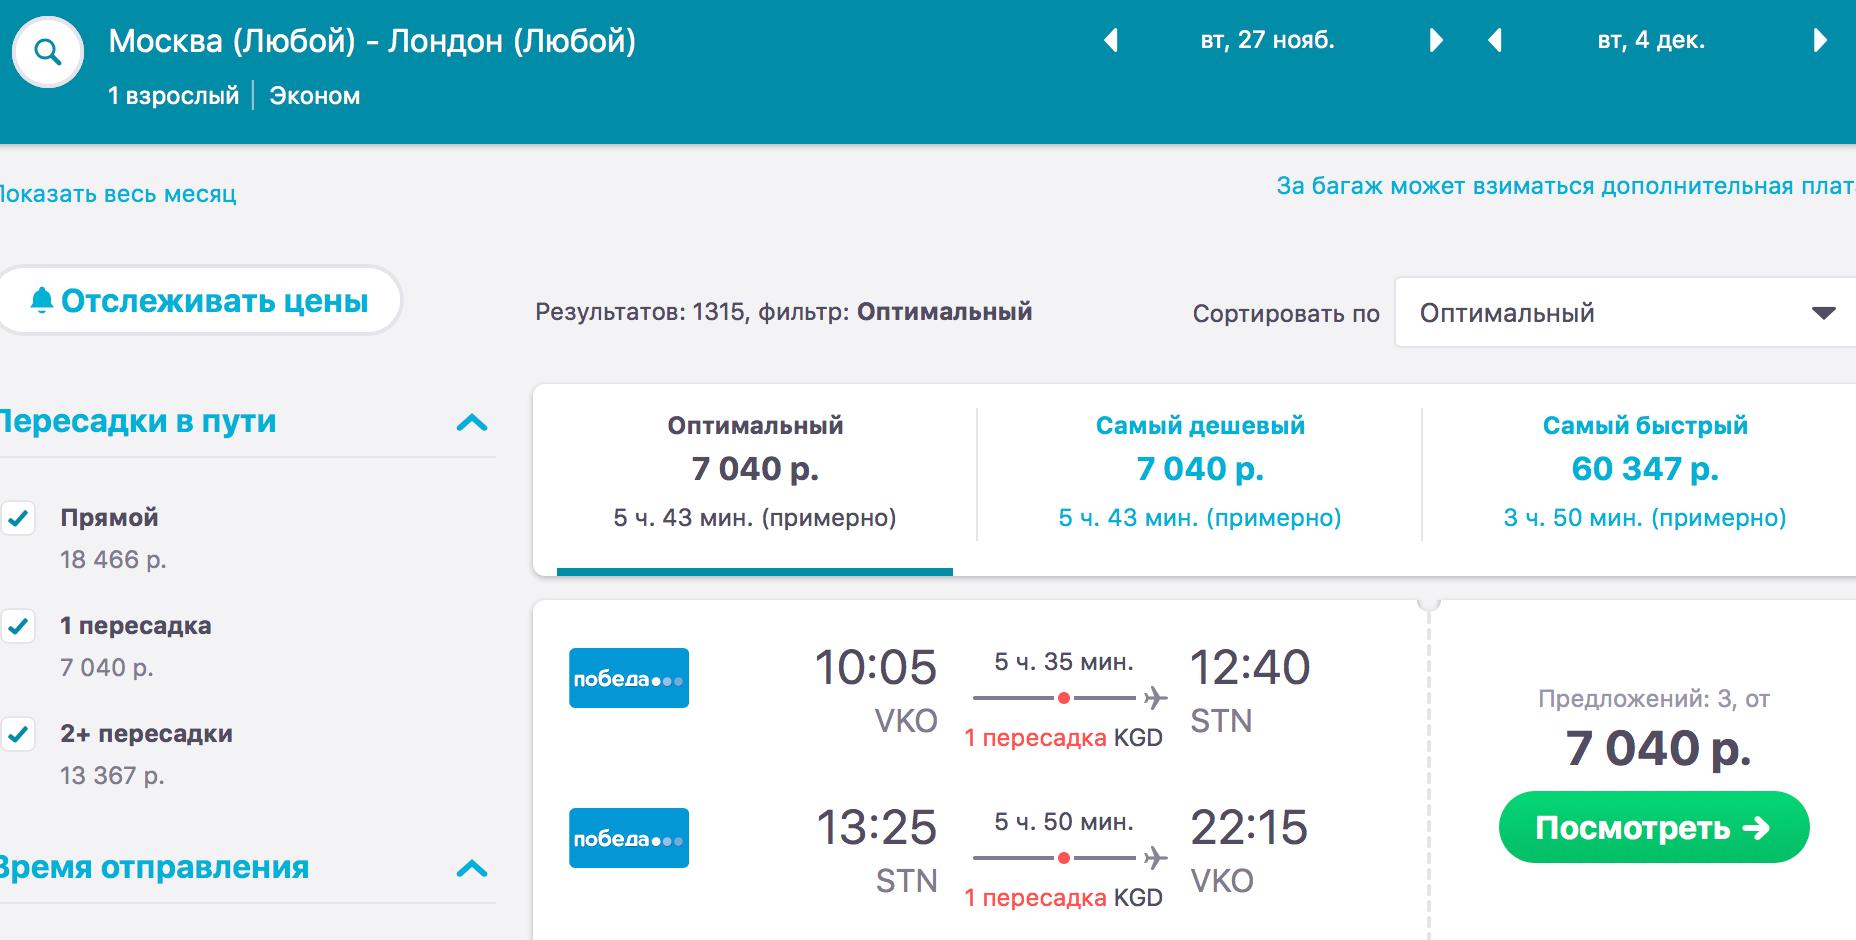 Рейсы из Москвы в Лондон